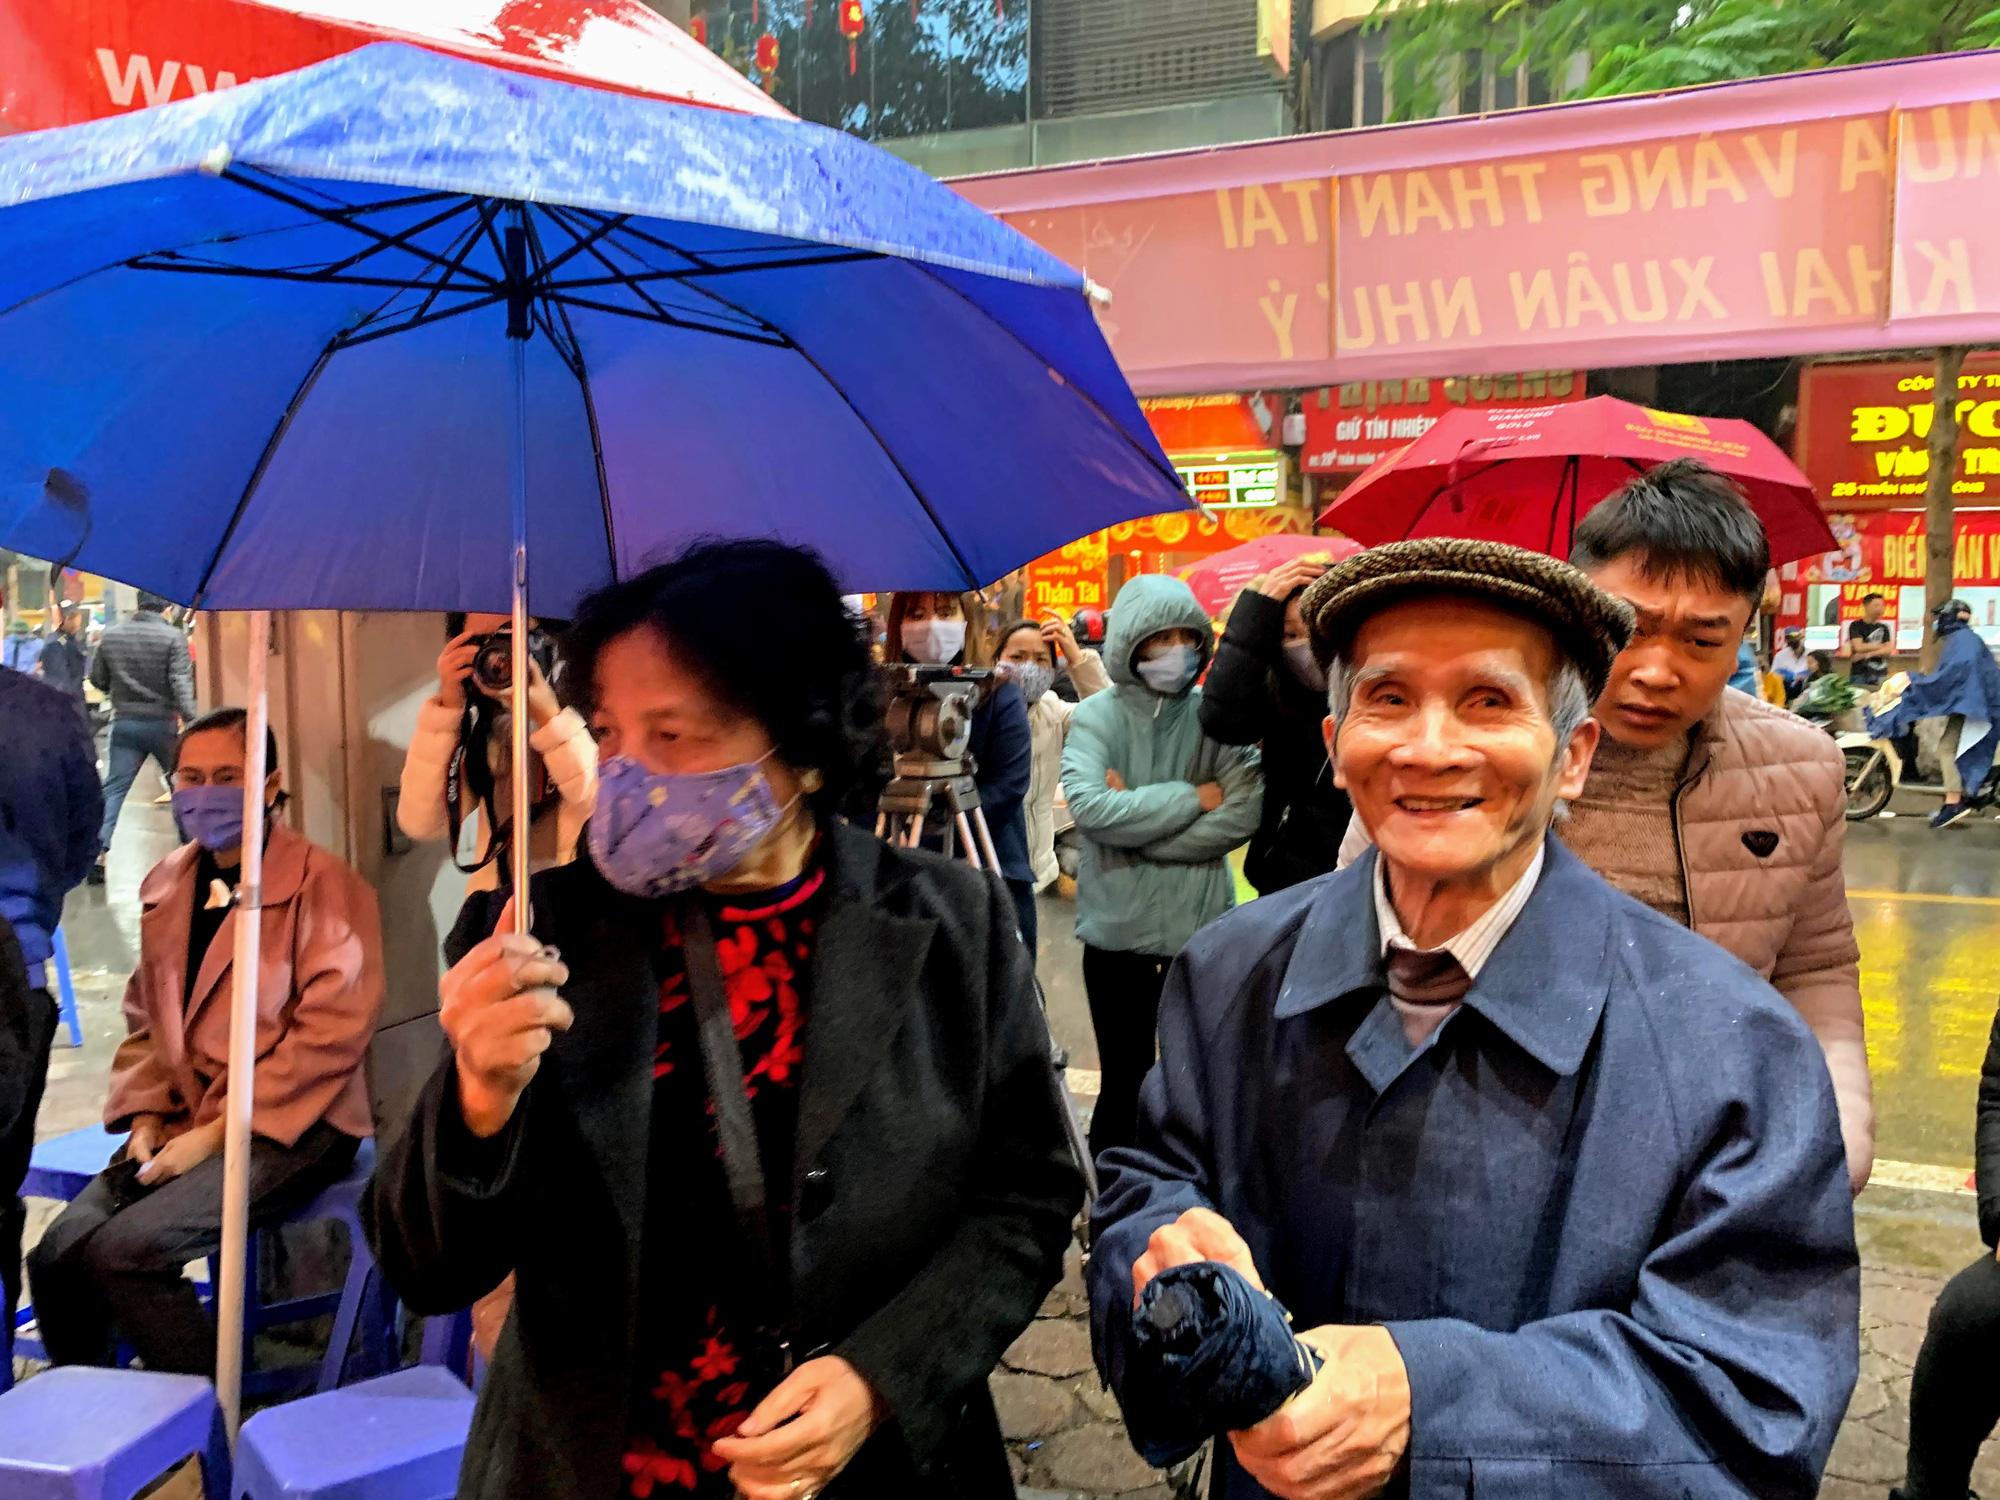 Giữa tâm dịch corona, bay từ Sài Gòn ra Hà Nội, đội mưa để đi mua vàng trong ngày Vía thần Tài - Ảnh 4.